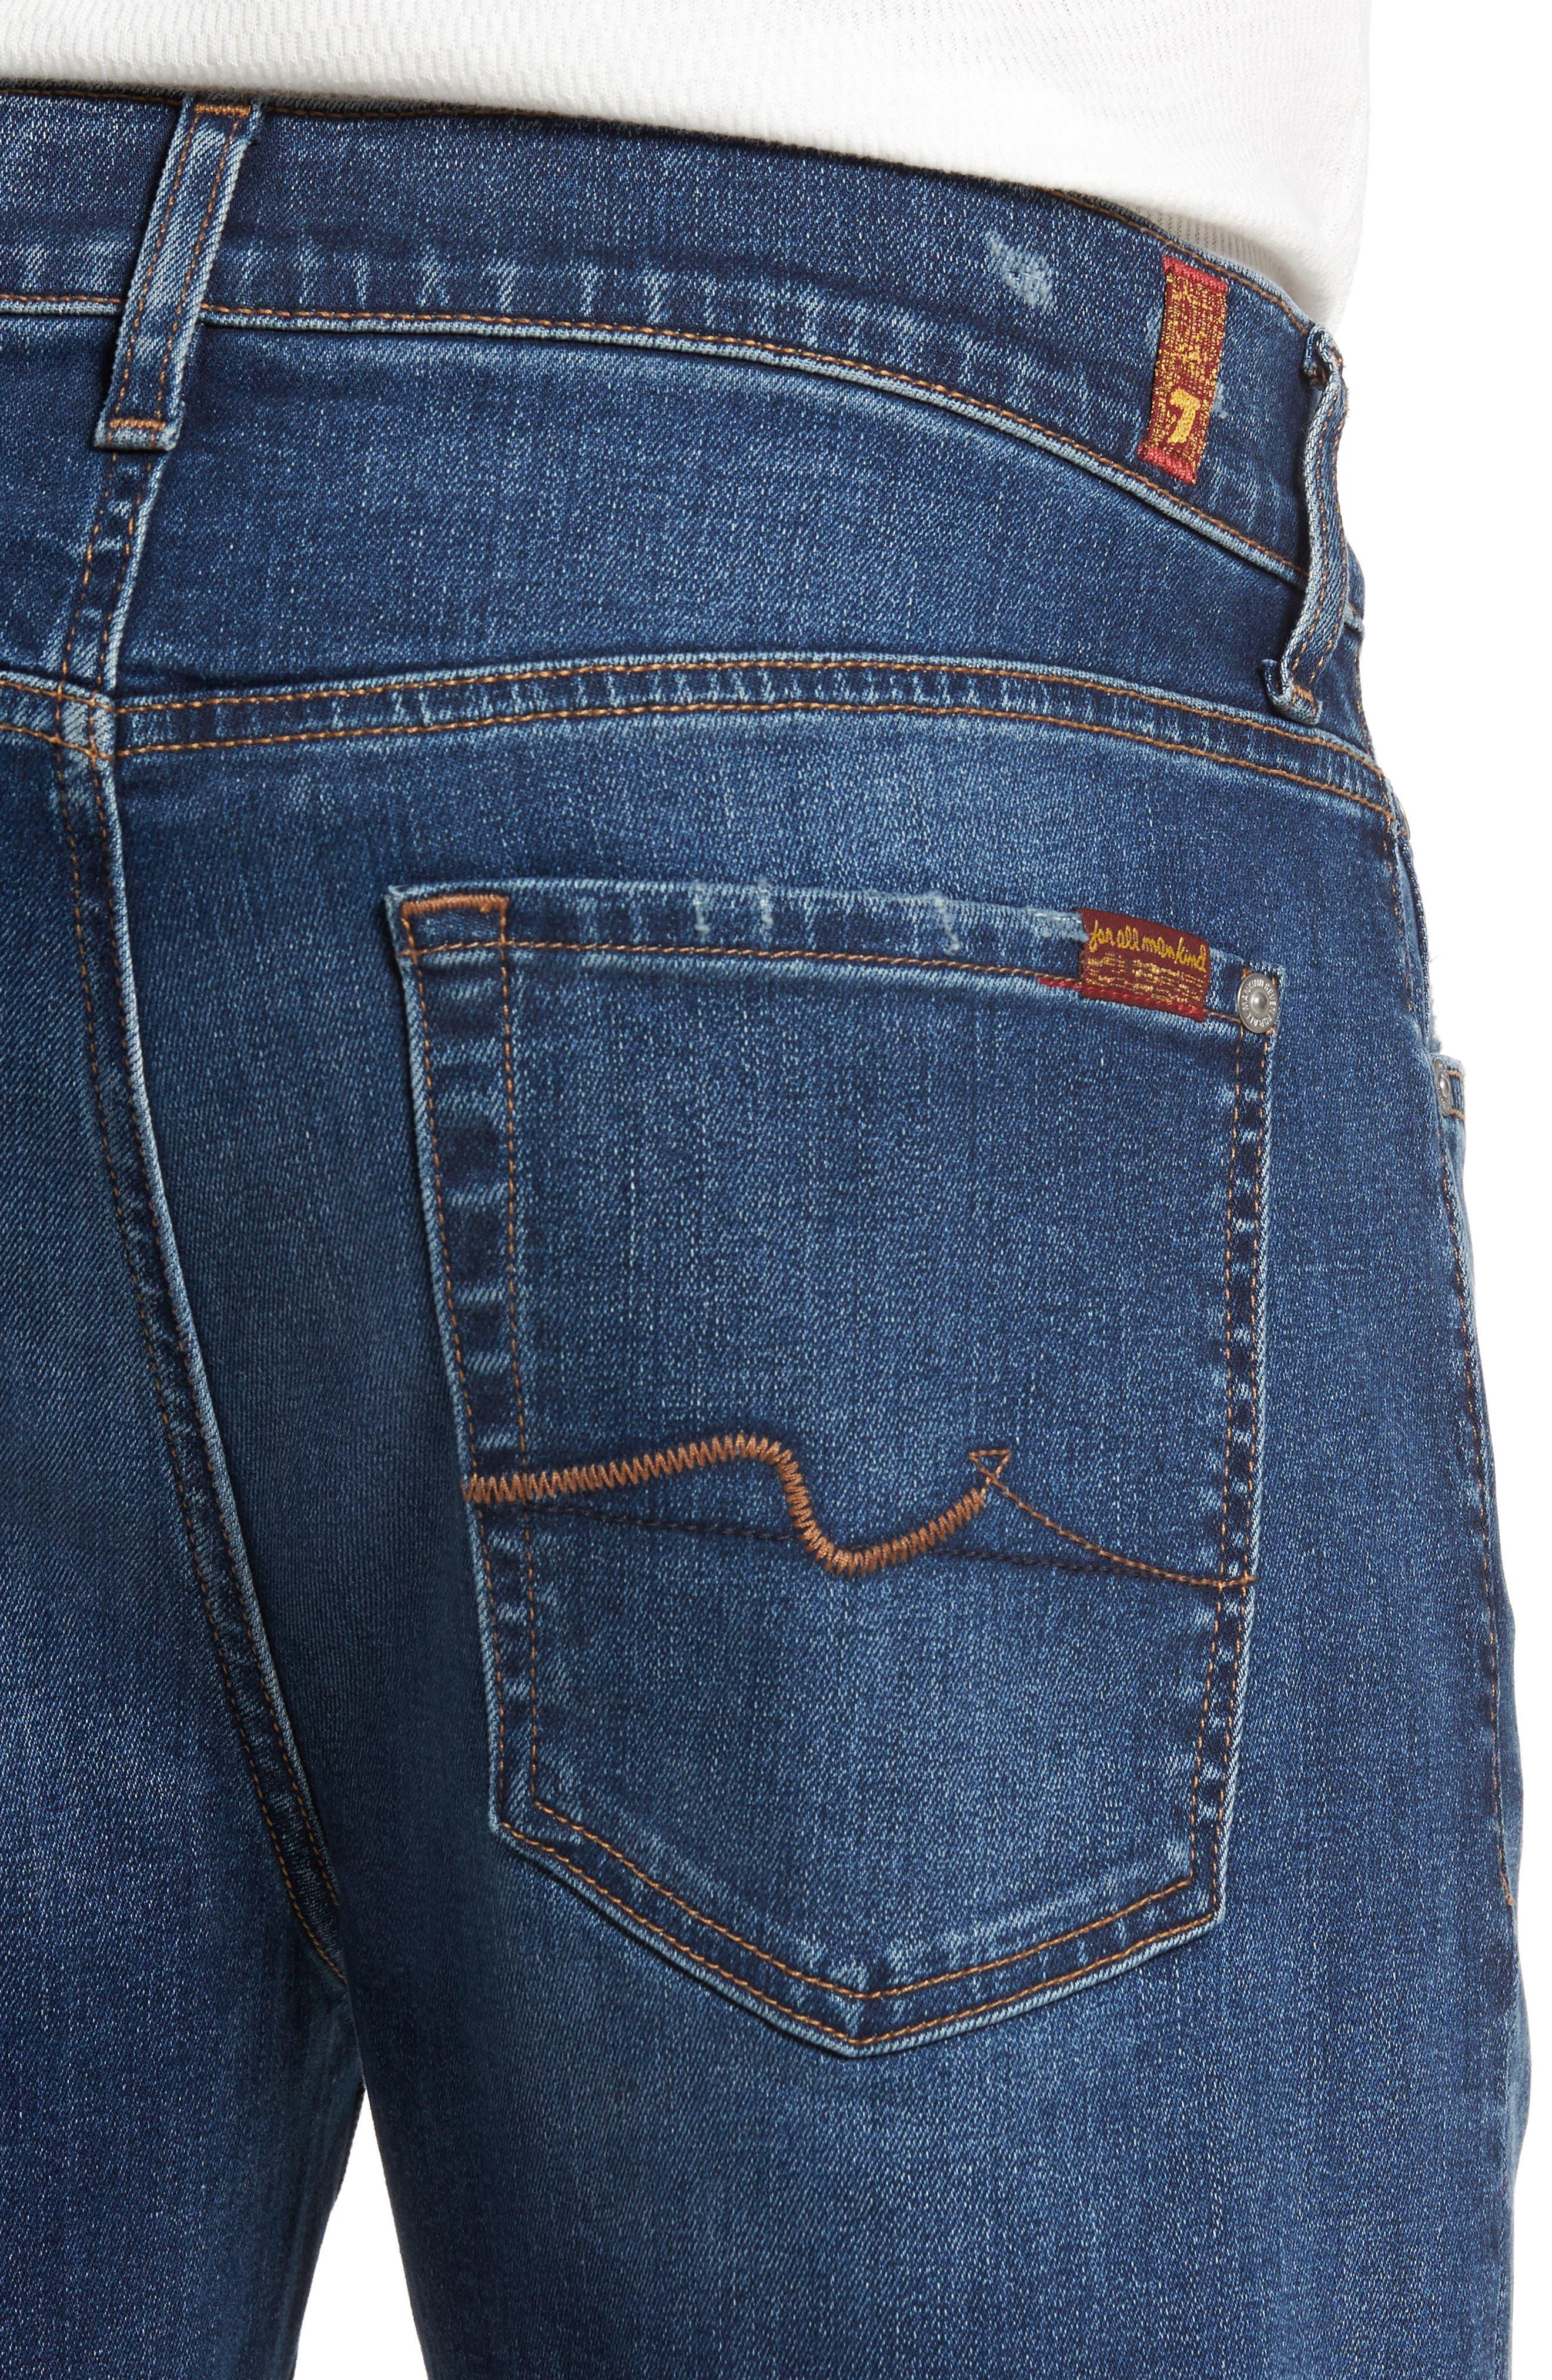 Slimmy Slim Fit Jeans,                             Alternate thumbnail 4, color,                             Union